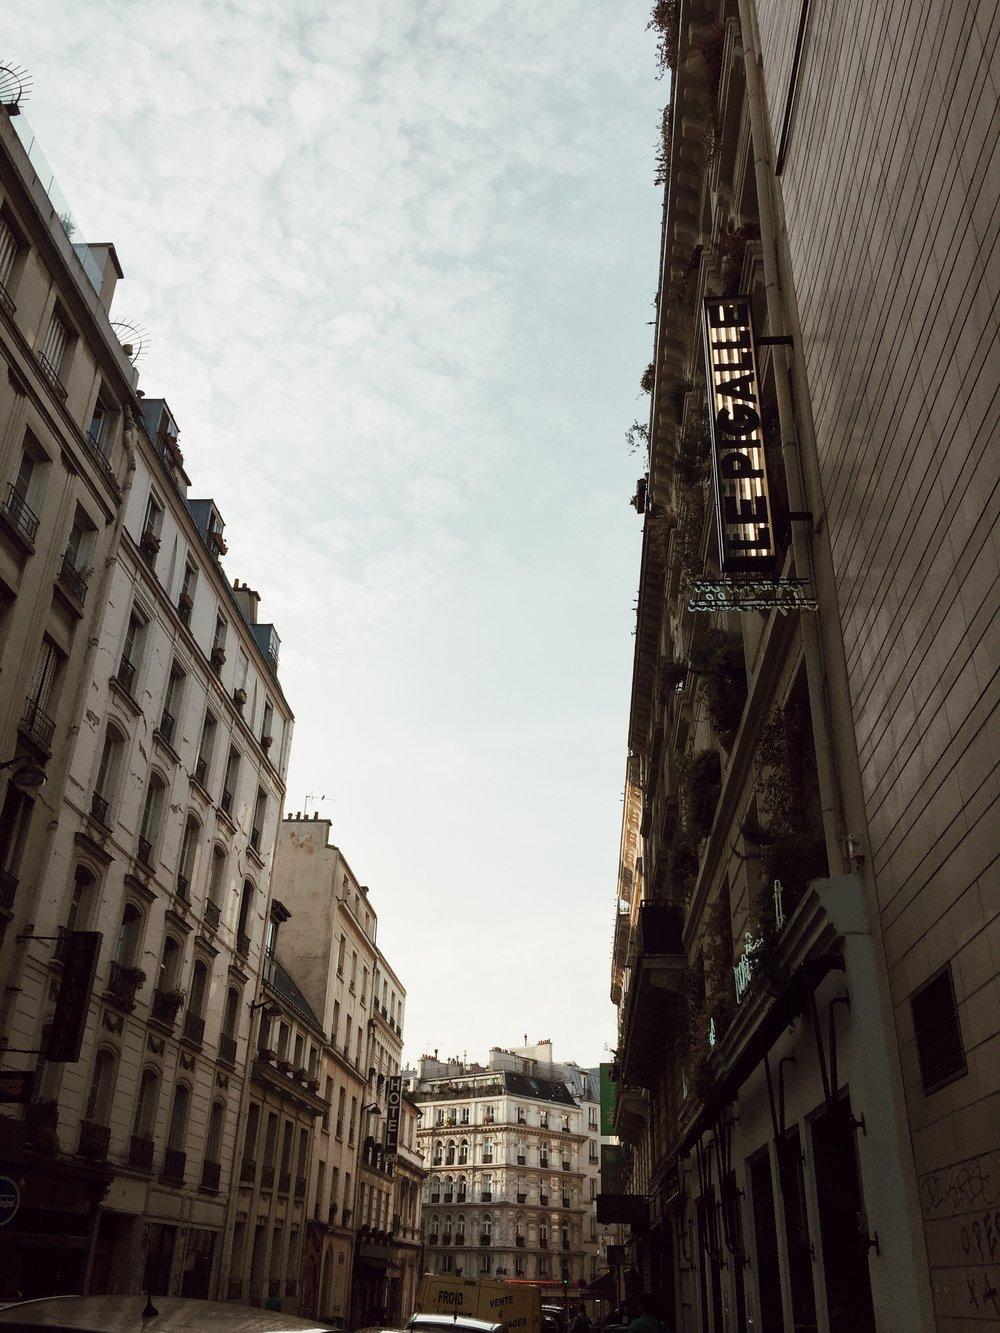 vsco-photo-1.jpg